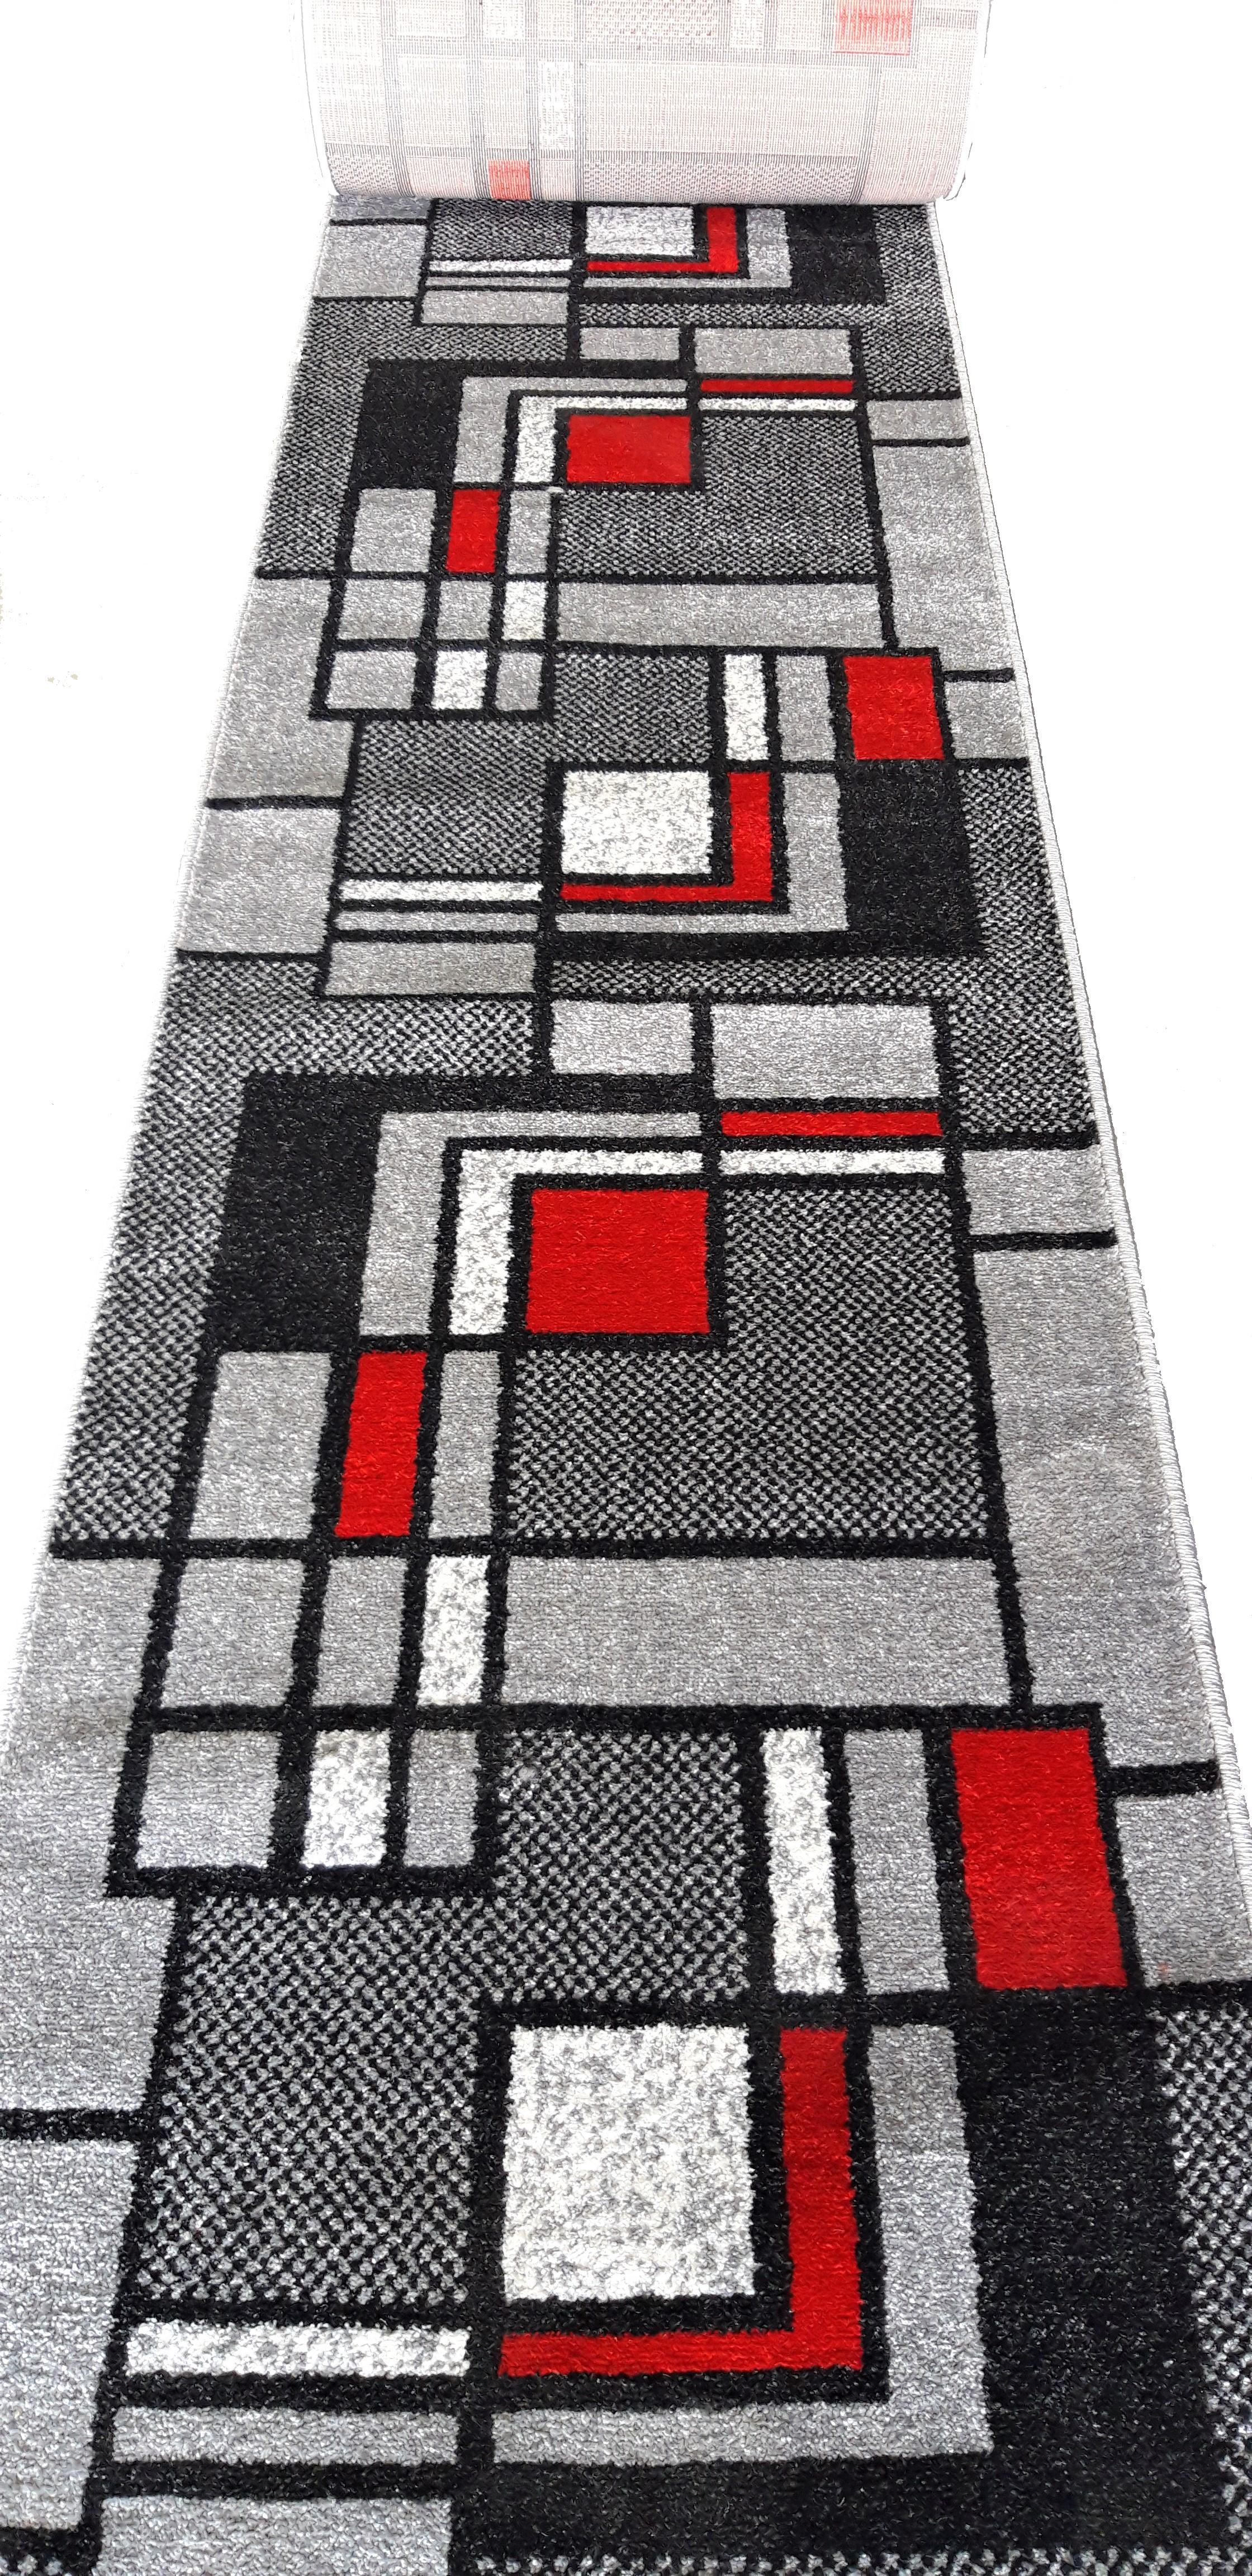 Traversa Covor, Cappuccino 16406, Multicolor, 80x500 cm, 1700 gr/mp [0]